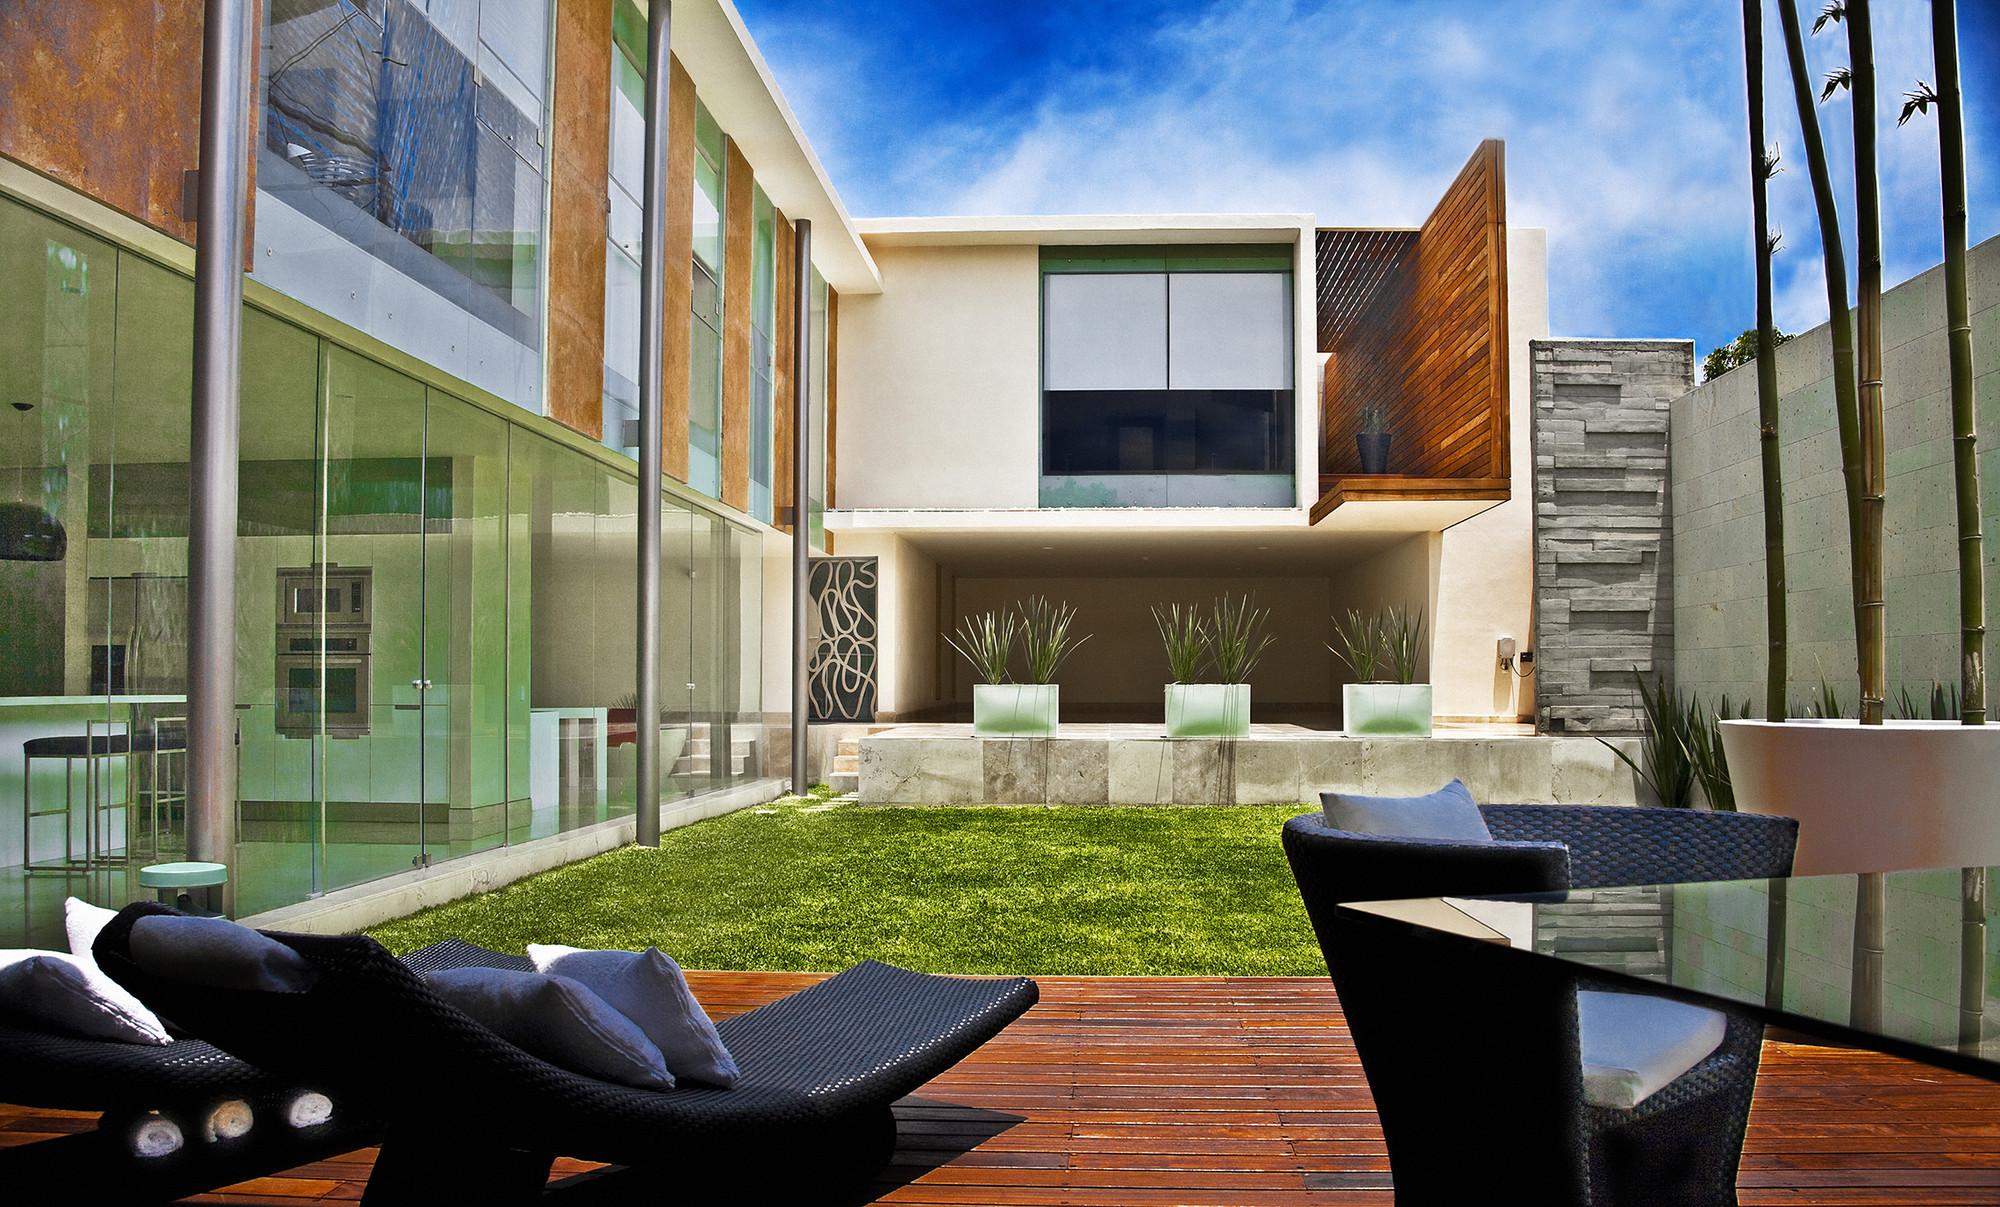 Galeria de casa ita taller5 arquitectos 8 for Arquitectos para casas